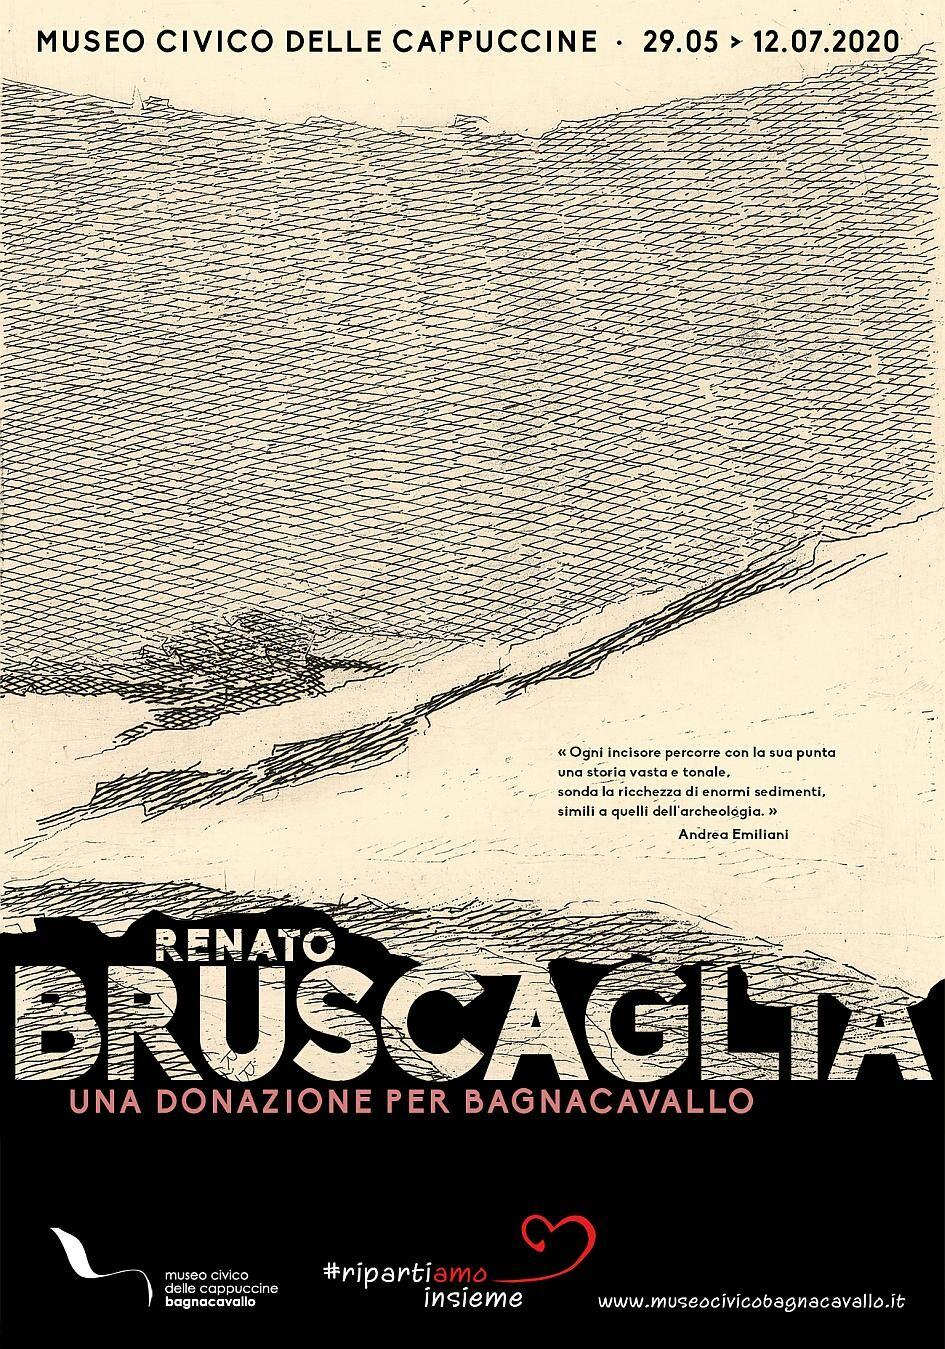 Comune di Bagnacavallo - I paesaggi di Bruscaglia nella prima mostra al Museo Civico dopo la riapertura